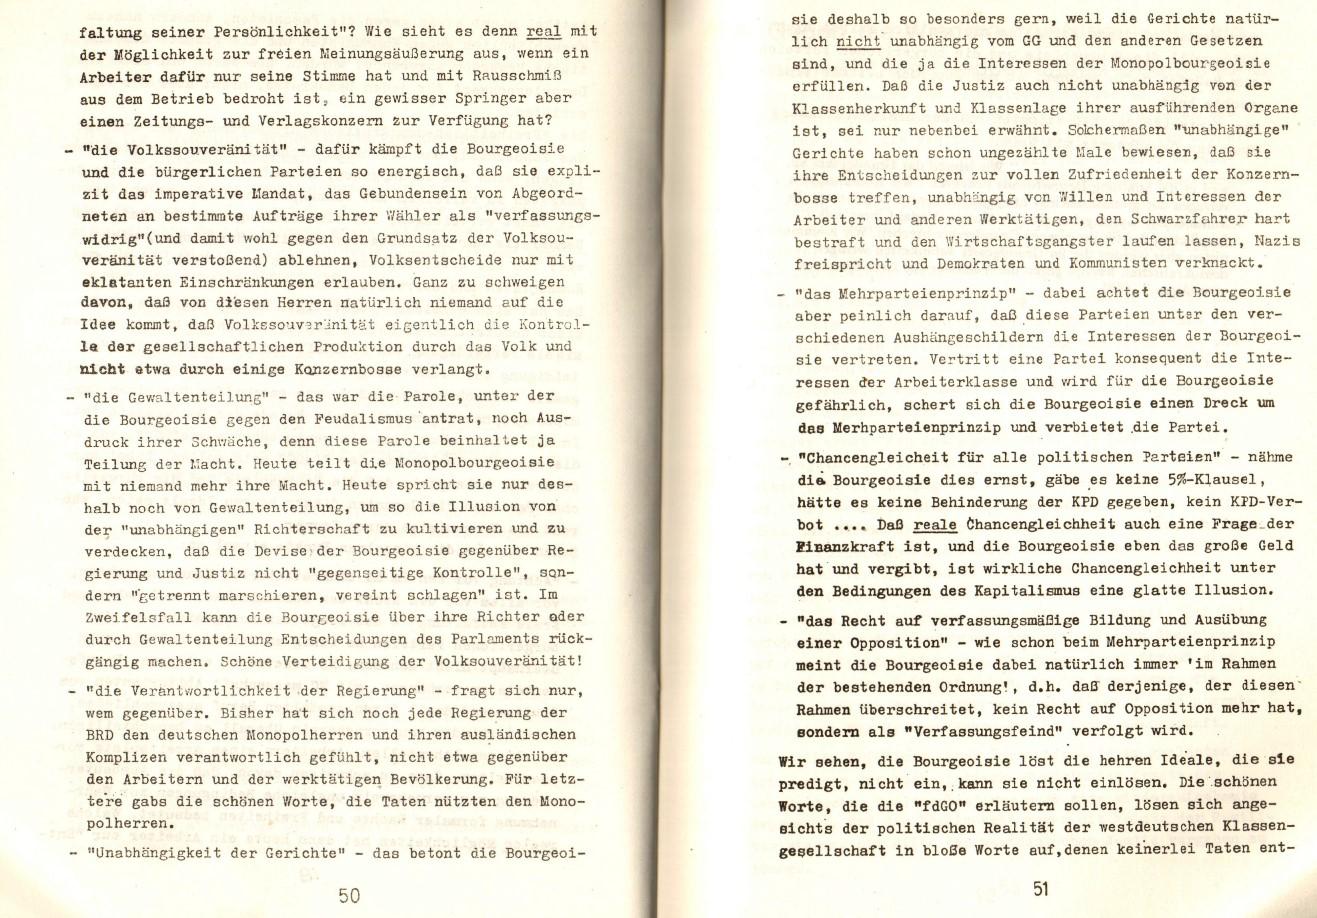 KHB_RSF_1974_25_Jahre_Grundgesetz_28